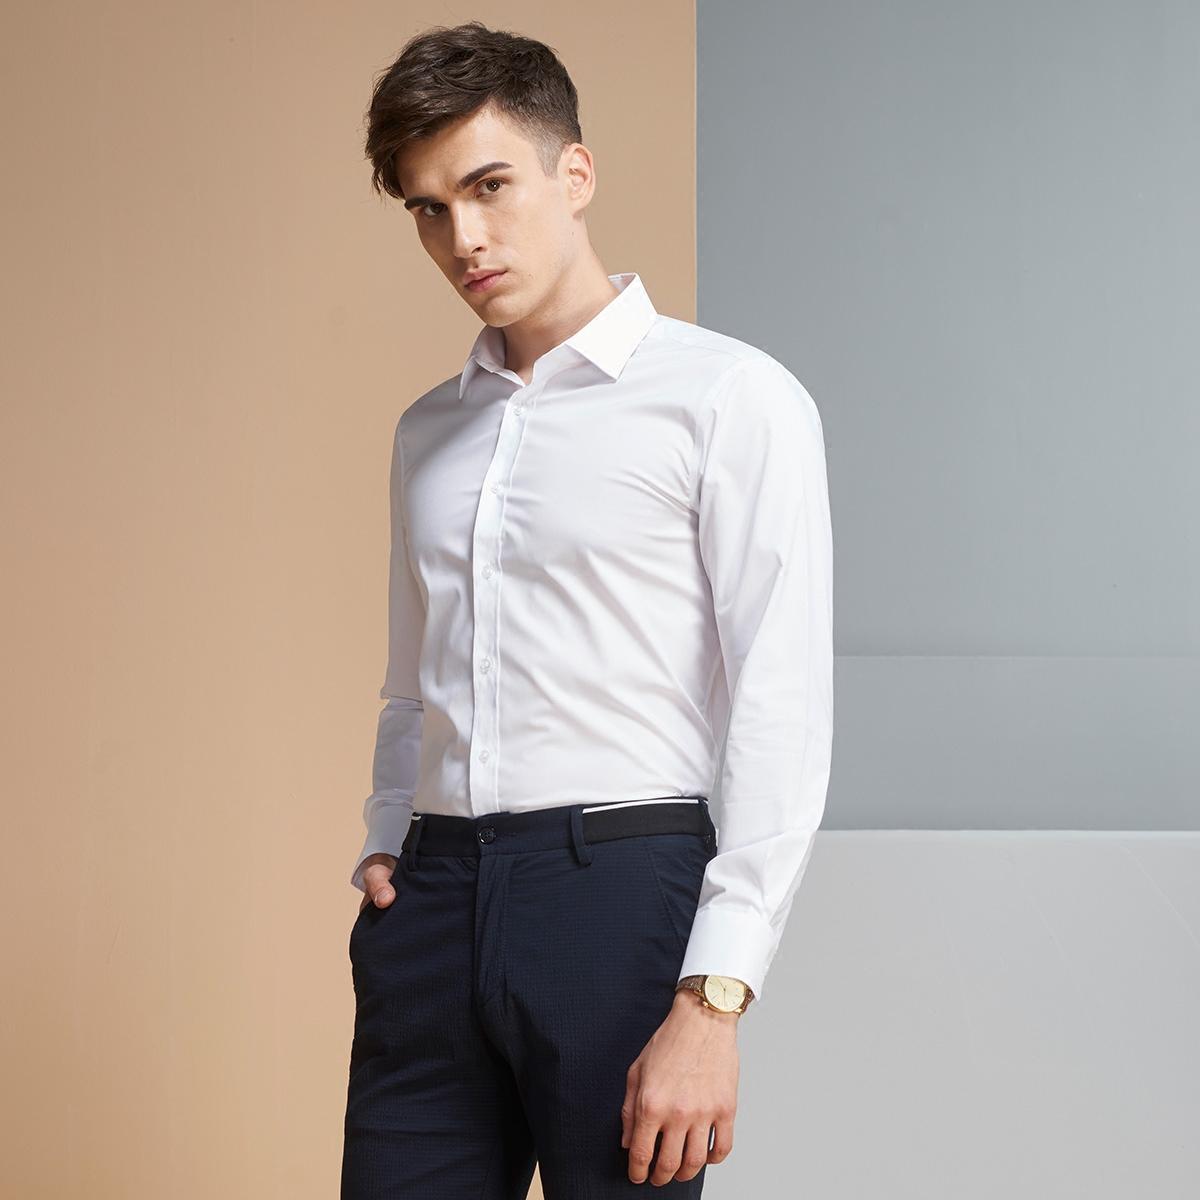 BUSEN步森男装长袖衬衫男士纯白色衬衣修身商务休闲寸衫新款